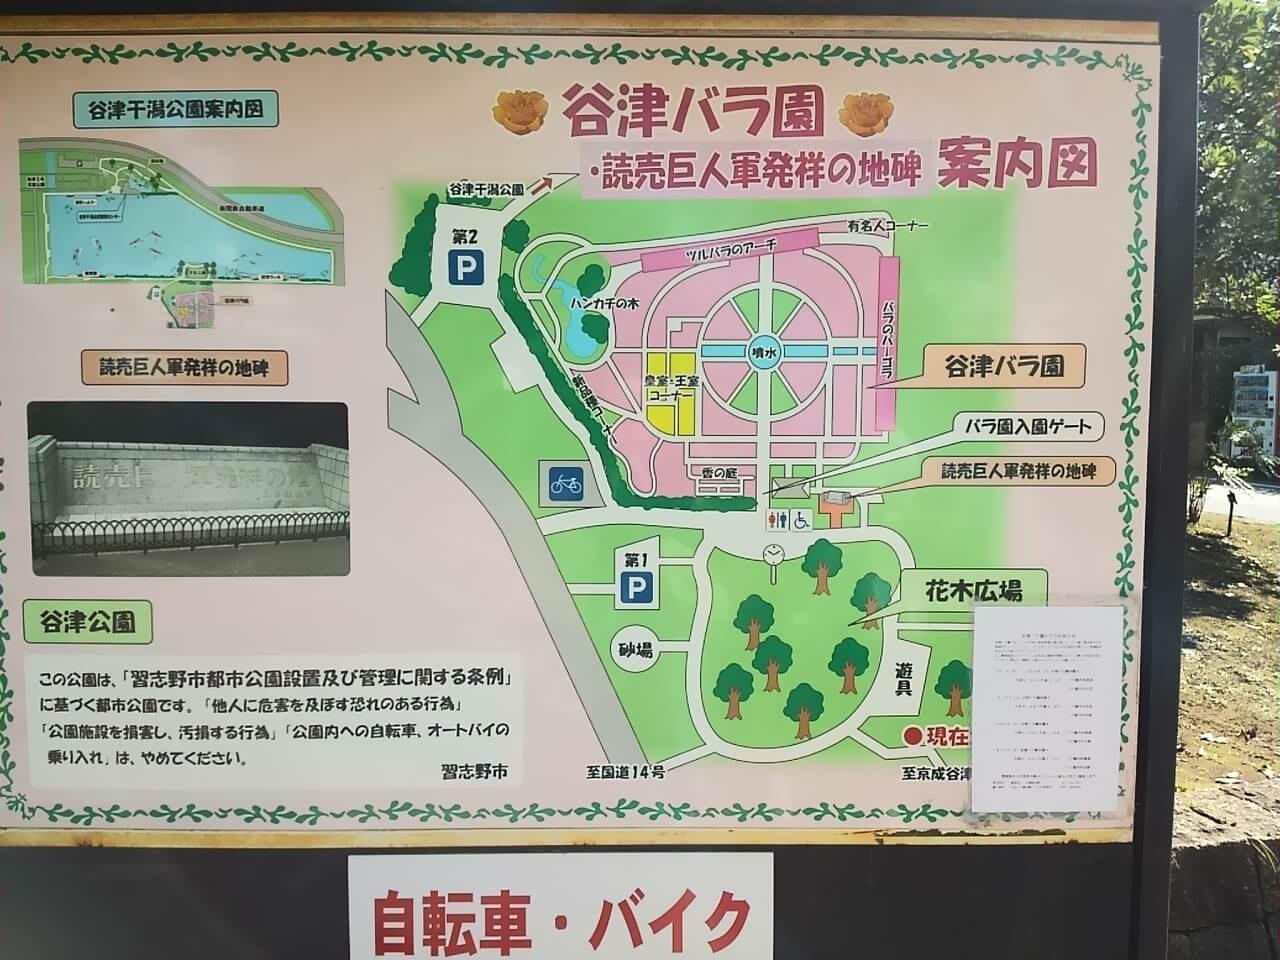 谷津バラ園への行き方地図